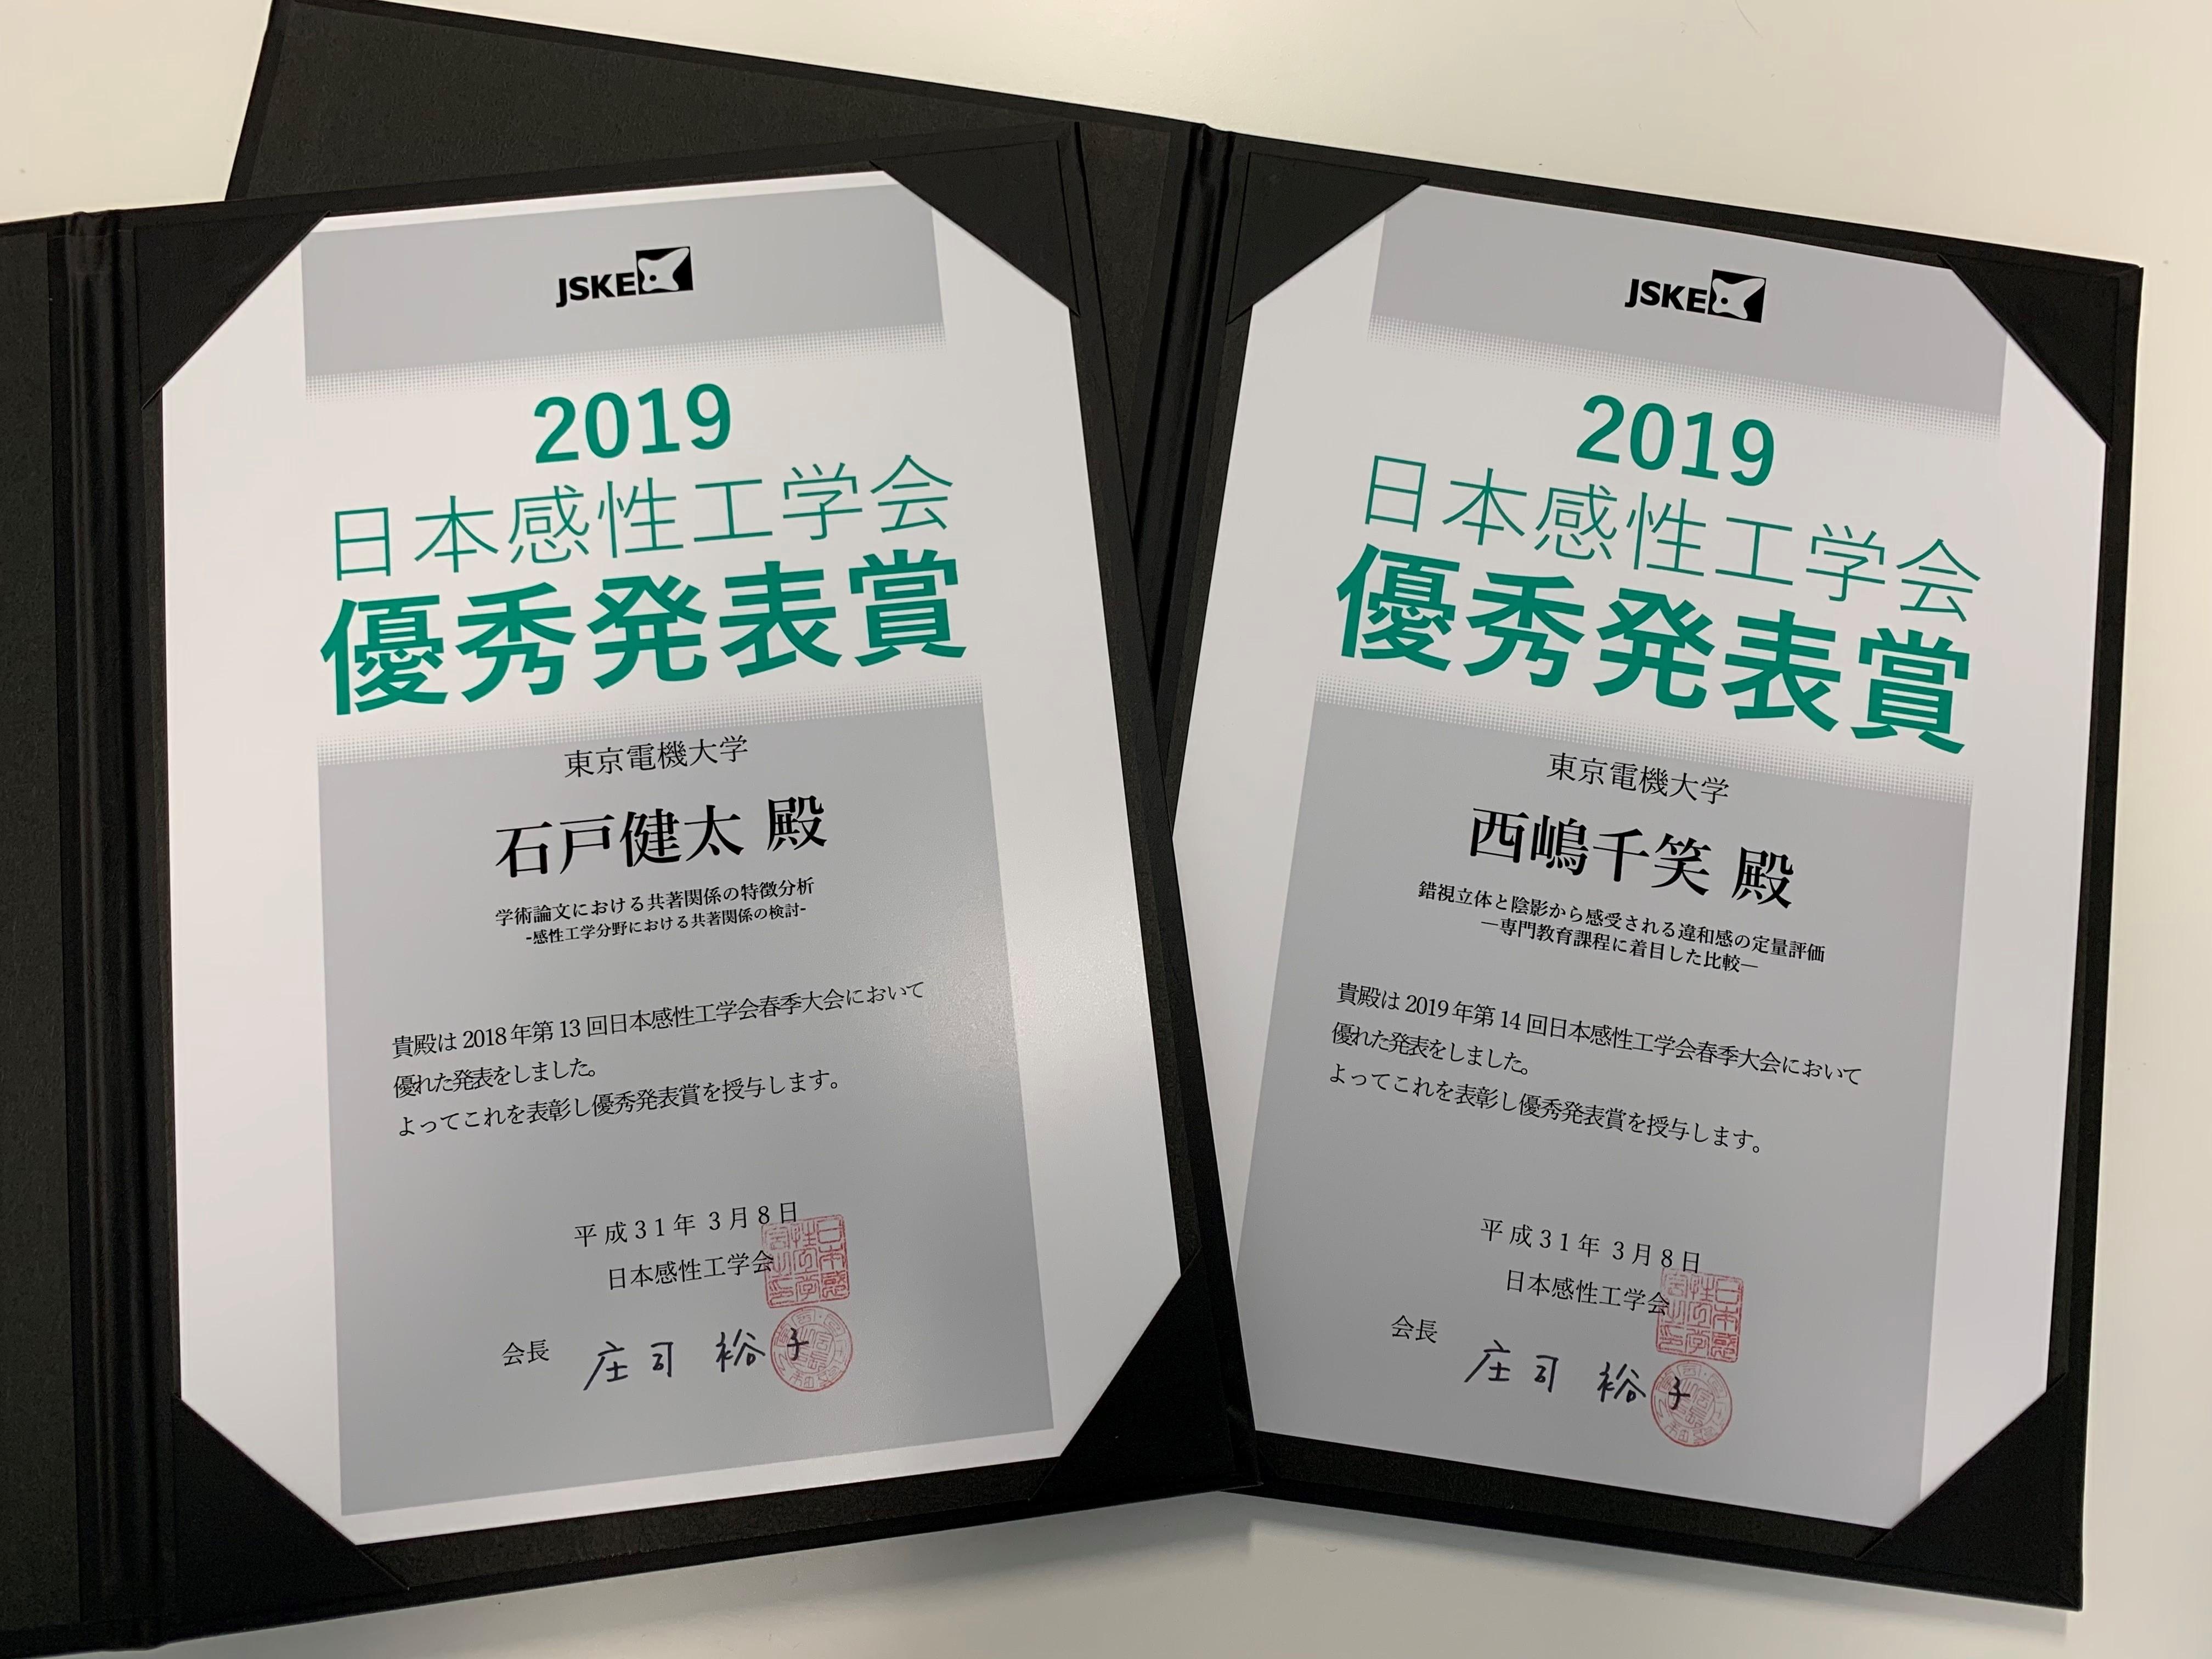 情報メディア学科 西嶋さん、石戸さんが「優秀発表賞」を受賞